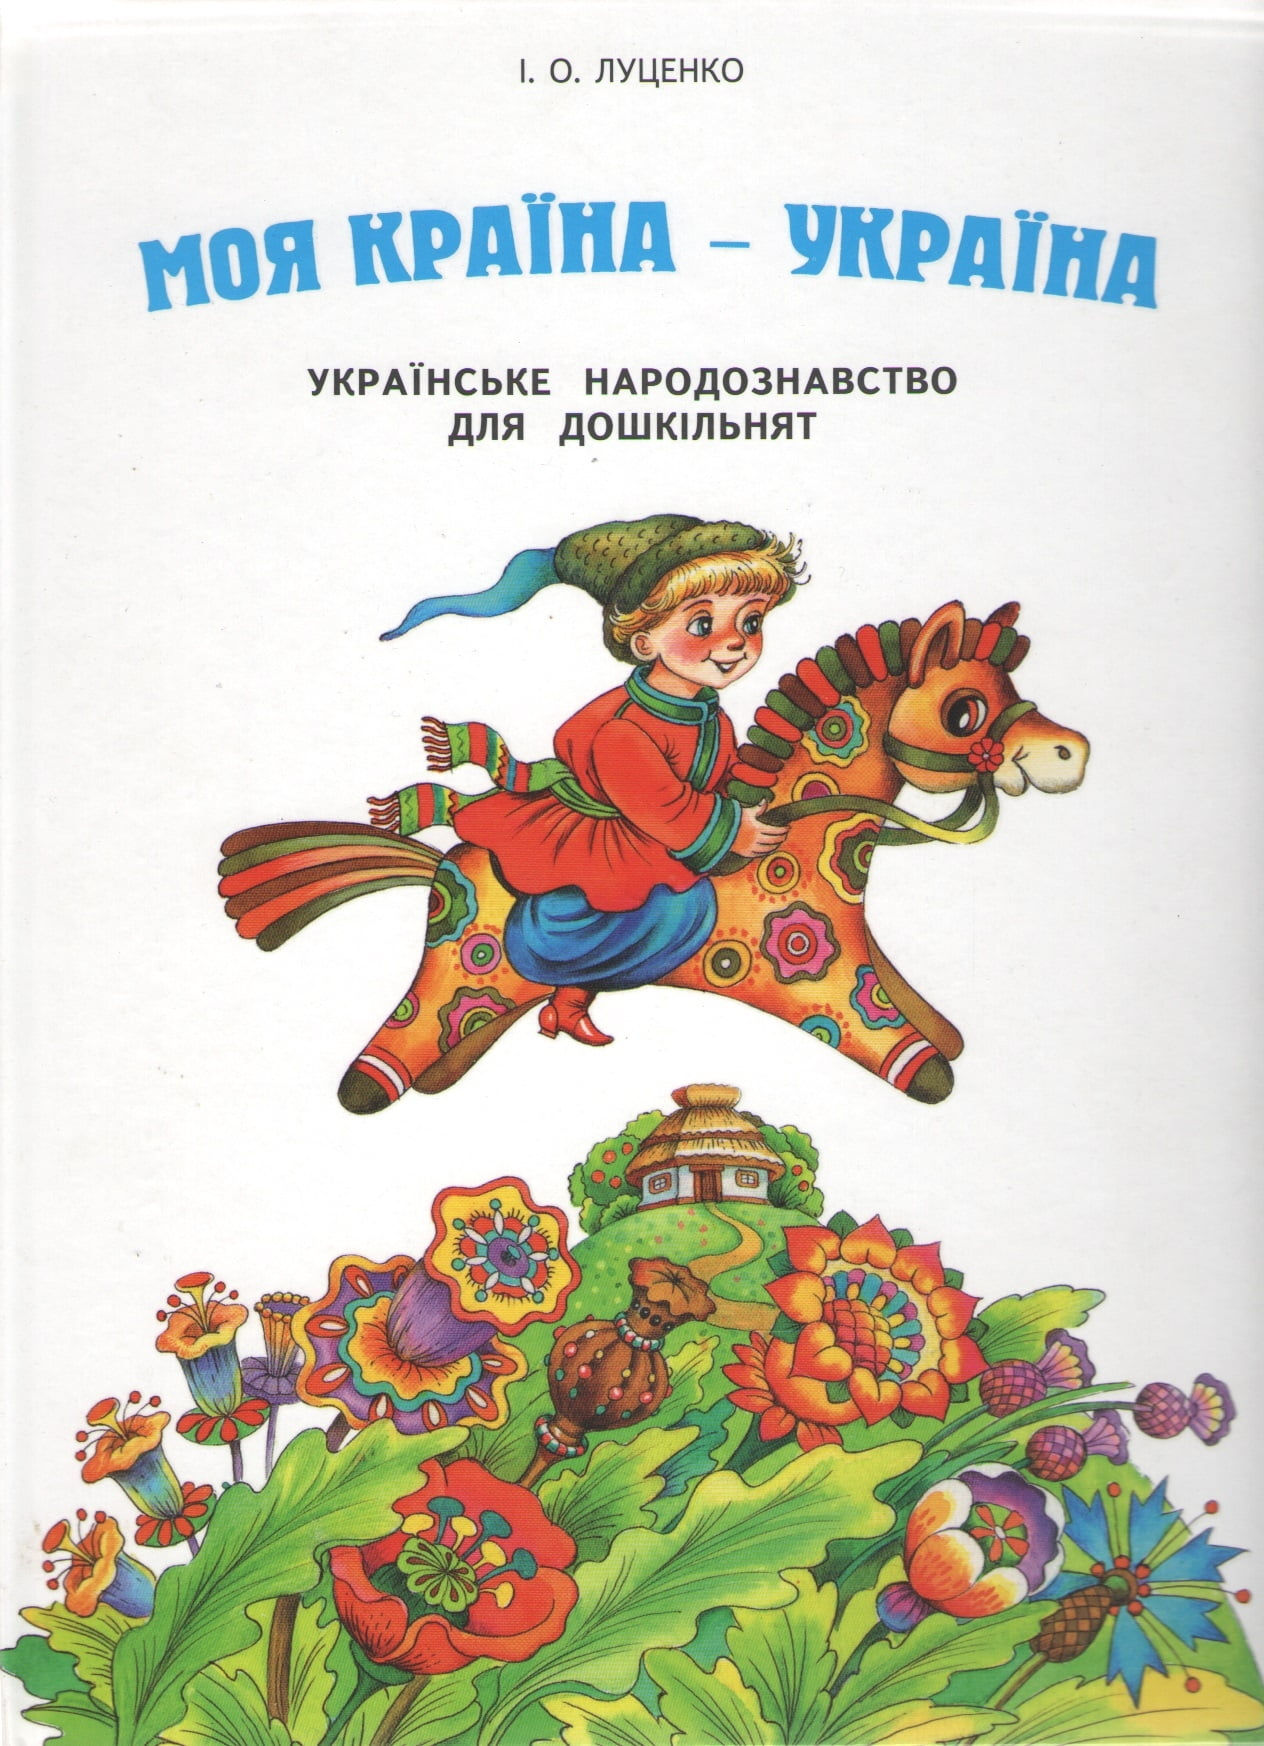 Моя країна - Україна. Українське народознавство для дошкільнят - фото 1